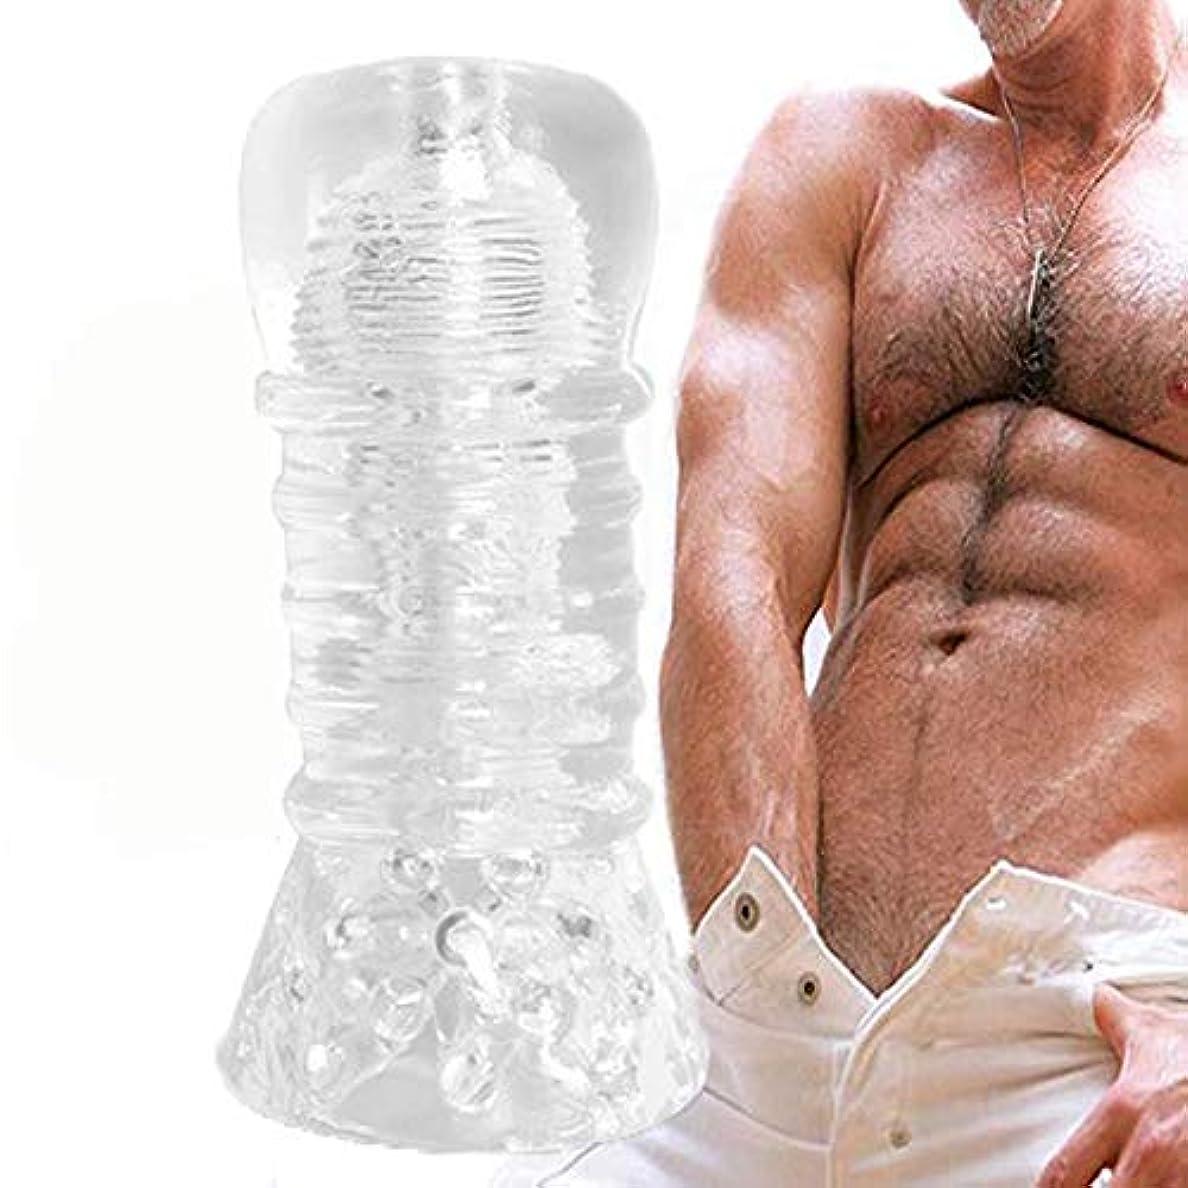 ペネロペ訪問バックアップディレイトレーニング装置男性オナニー TPRオナニーカップメンズ 男性オナニー G スポット刺激 超柔らかい 透明 情趣グッズ 大人のおもちゃ 男性用